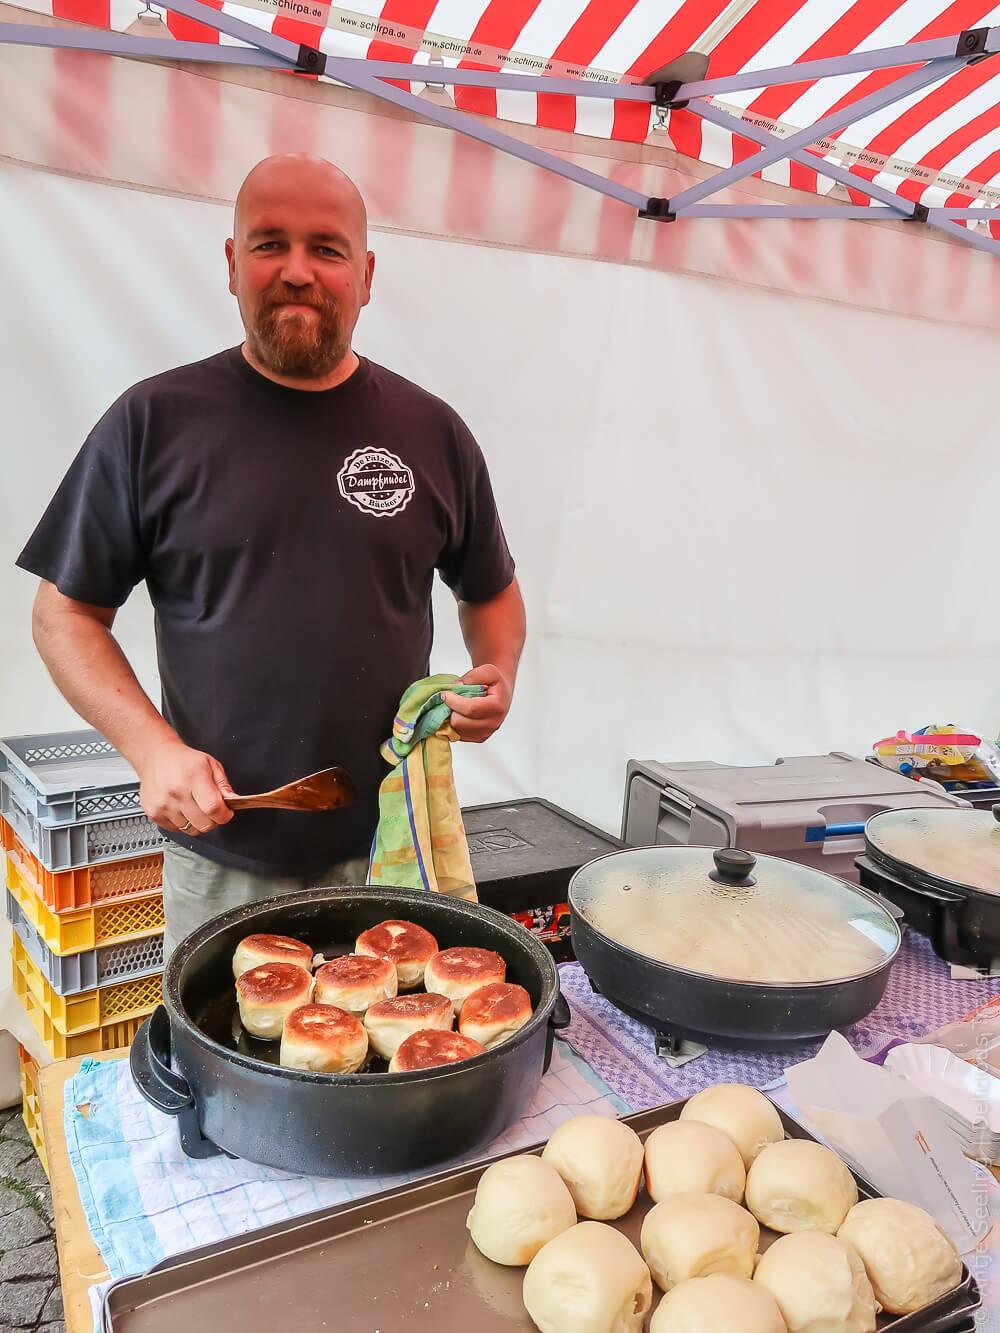 Dampfnudelbäcker auf dem Wochenmarkt